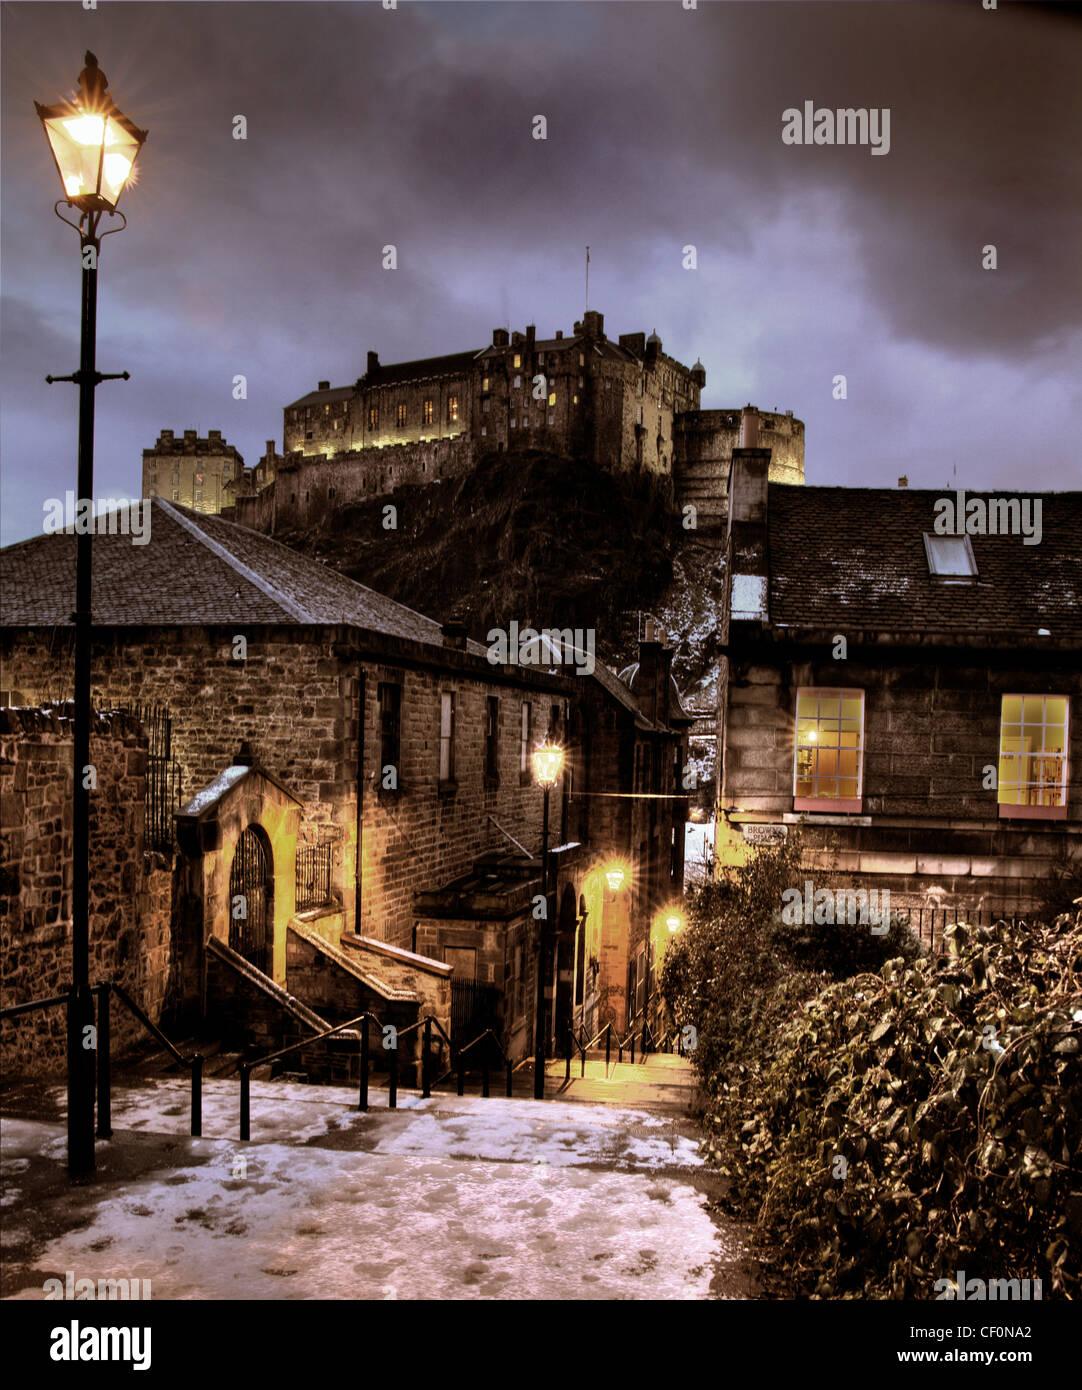 Laden Sie dieses Alamy Stockfoto Die Vennel im Winter, Schnee und Eis in der Abenddämmerung, Edinburgh, Lothian, Schottland, UK @HotpixUK - CF0NA2